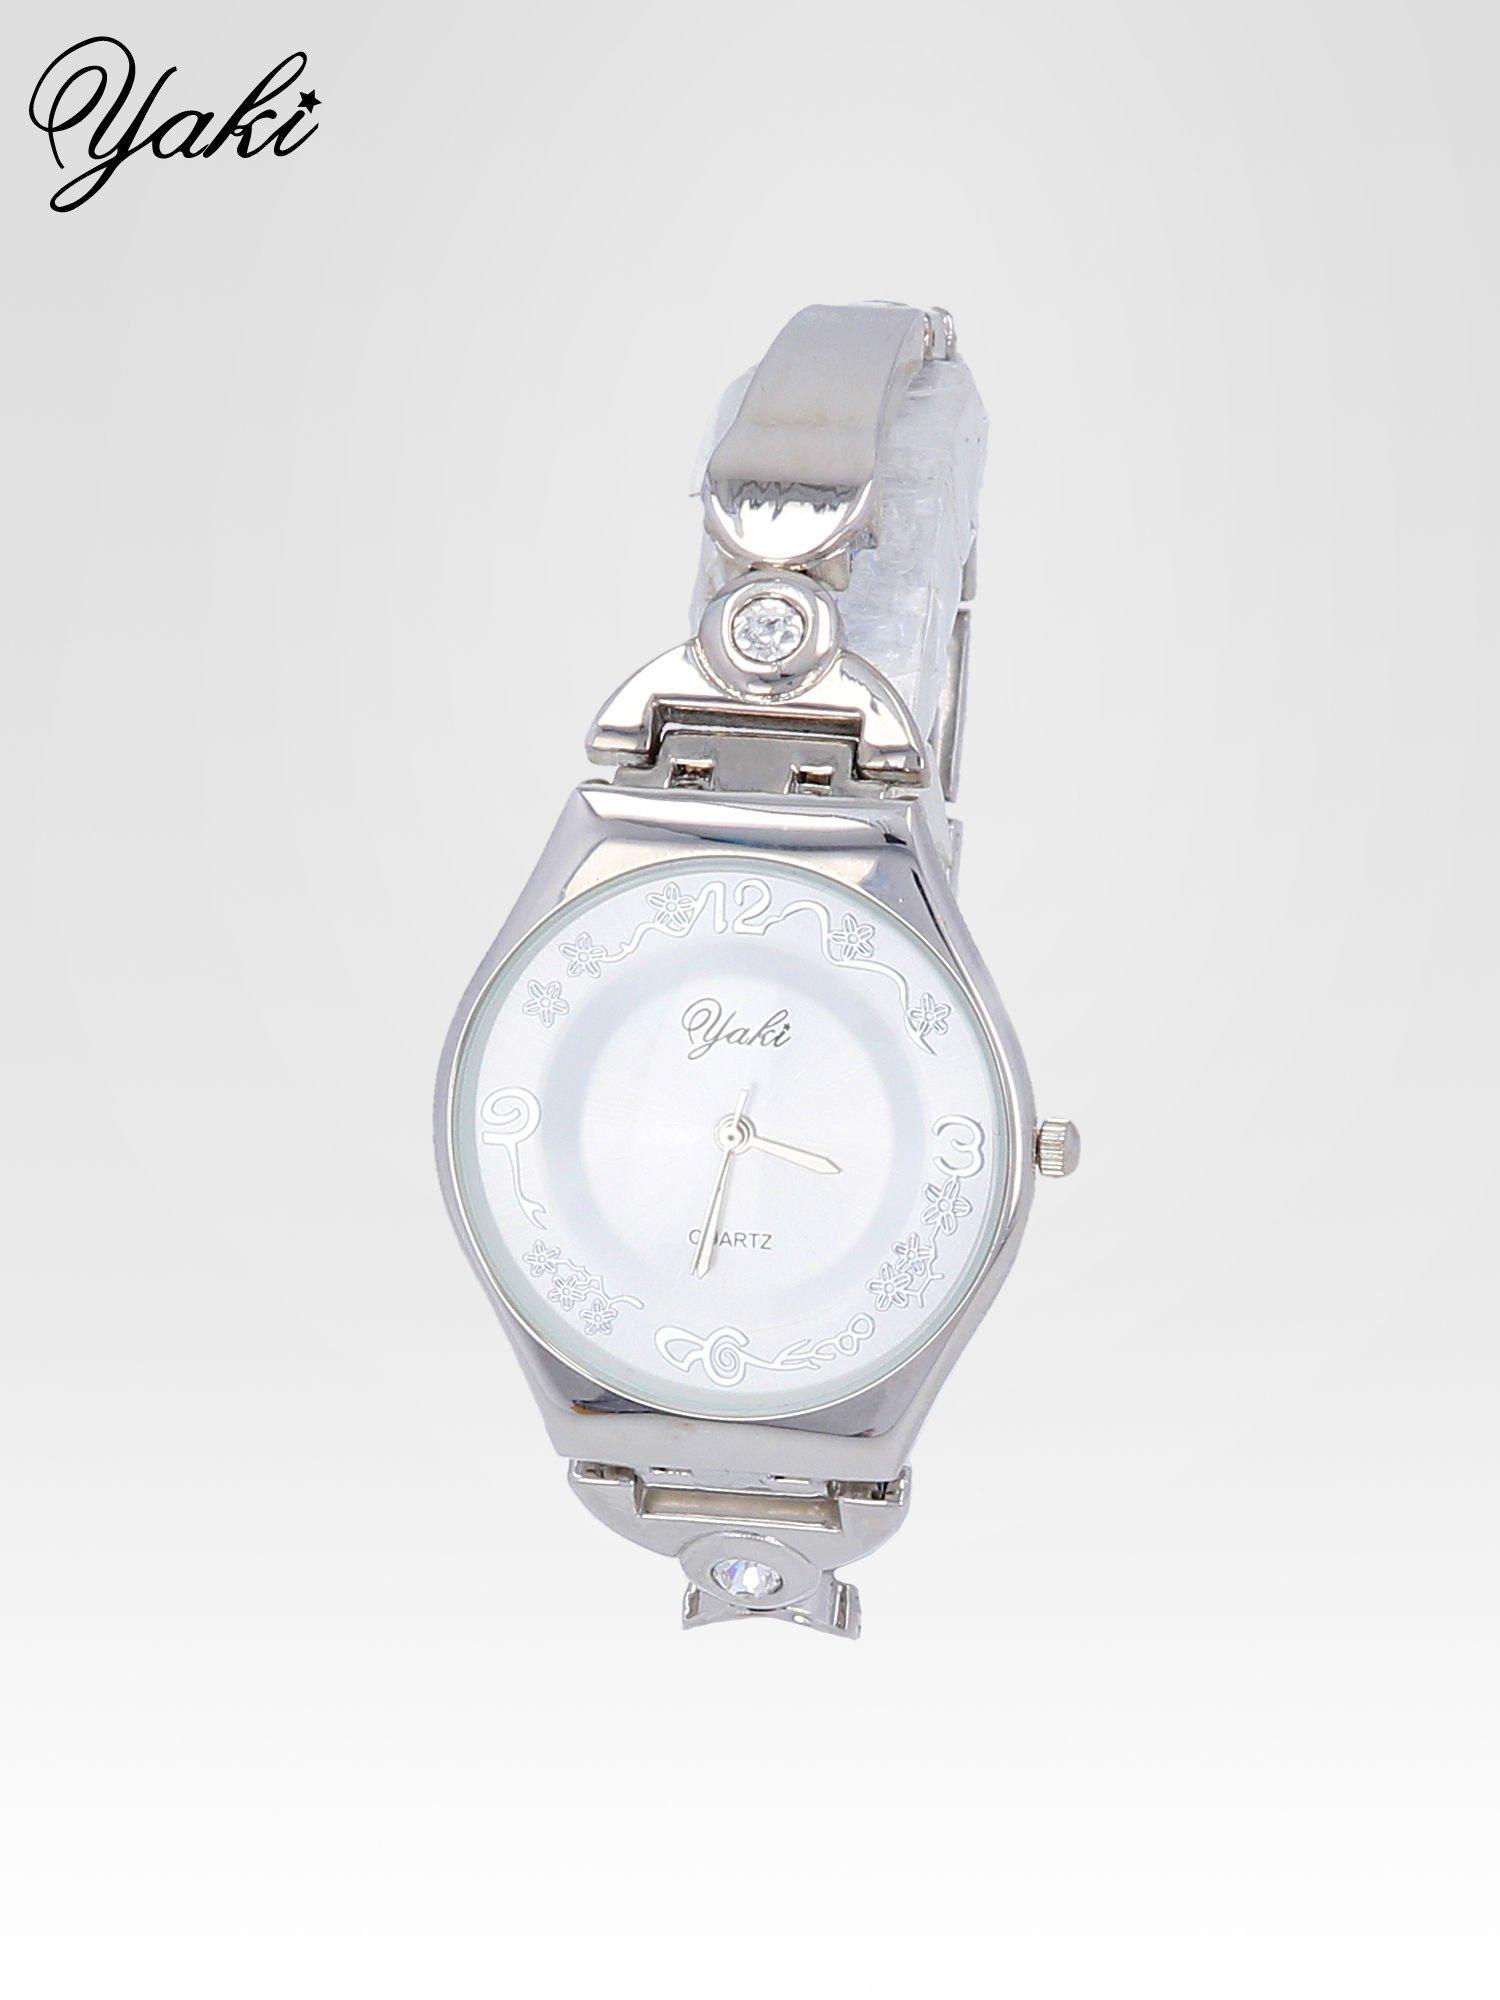 Srebrny biżuteryjny zegarek damski z białą tarczą                                  zdj.                                  2